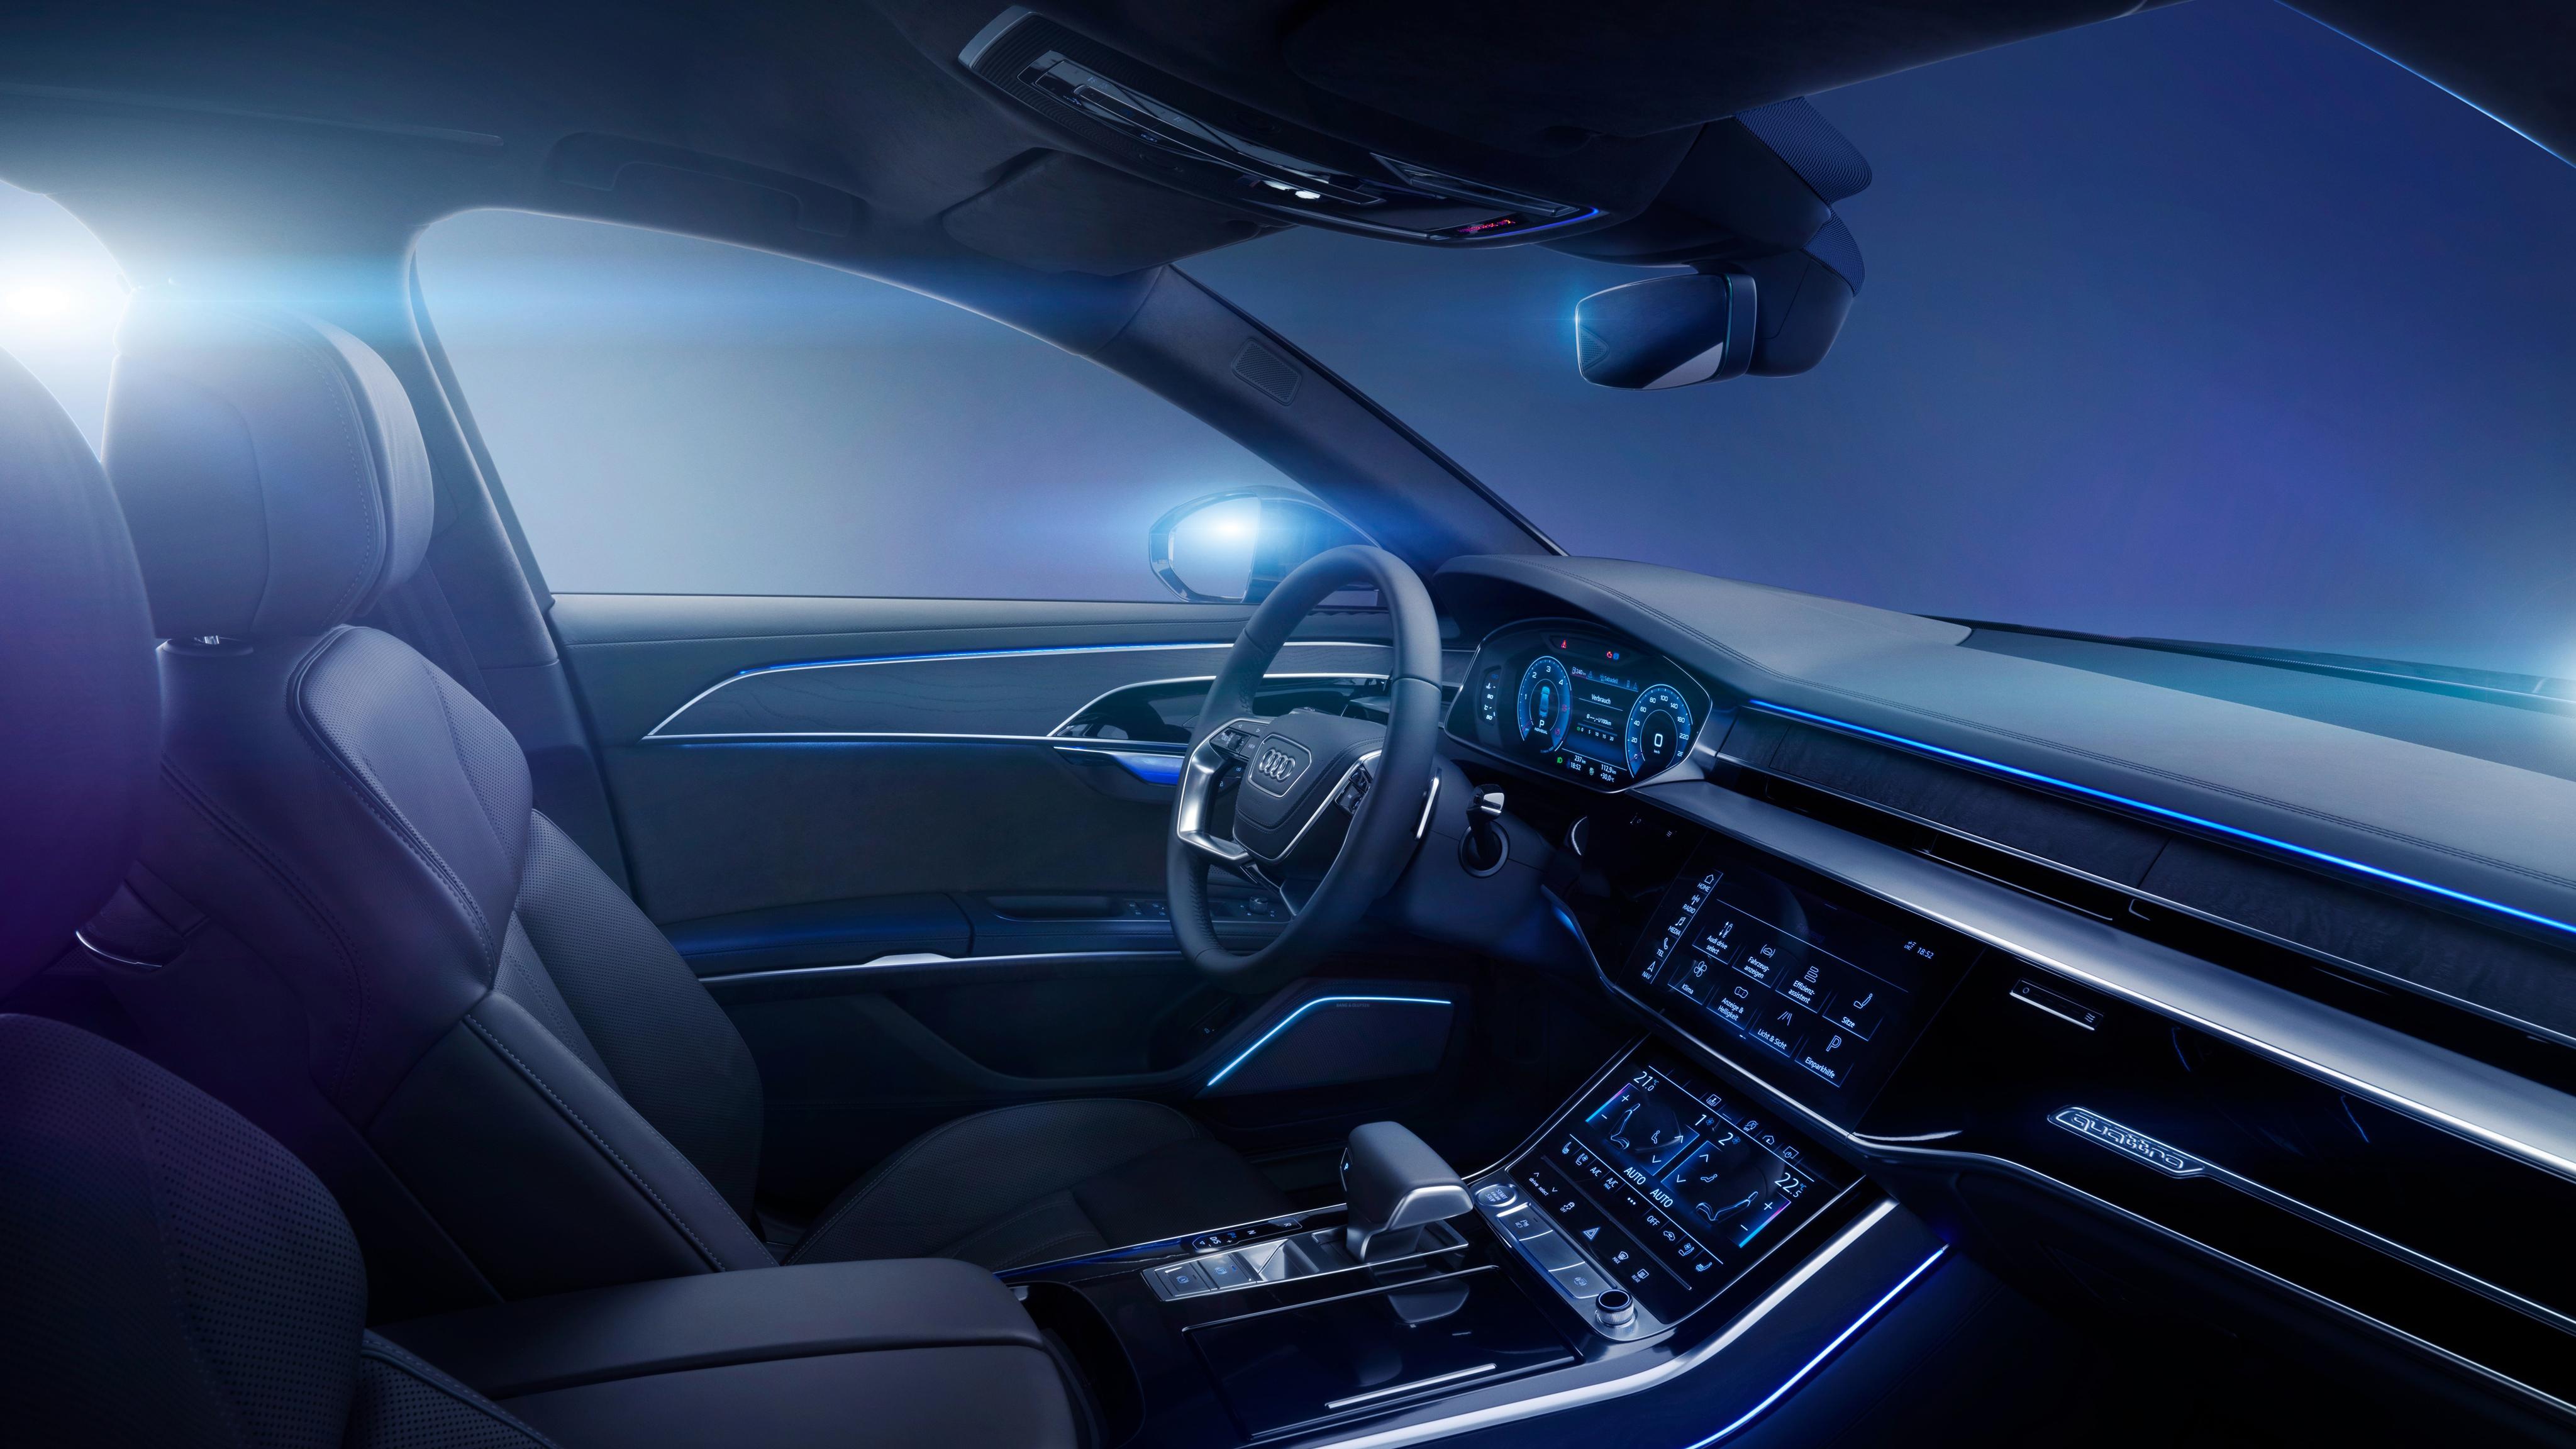 2017 Audi A8 3 Tdi Quattro 4k Interior Wallpaper Hd Car Wallpapers Id 8735 2017 audi a8 3 tdi quattro 4k